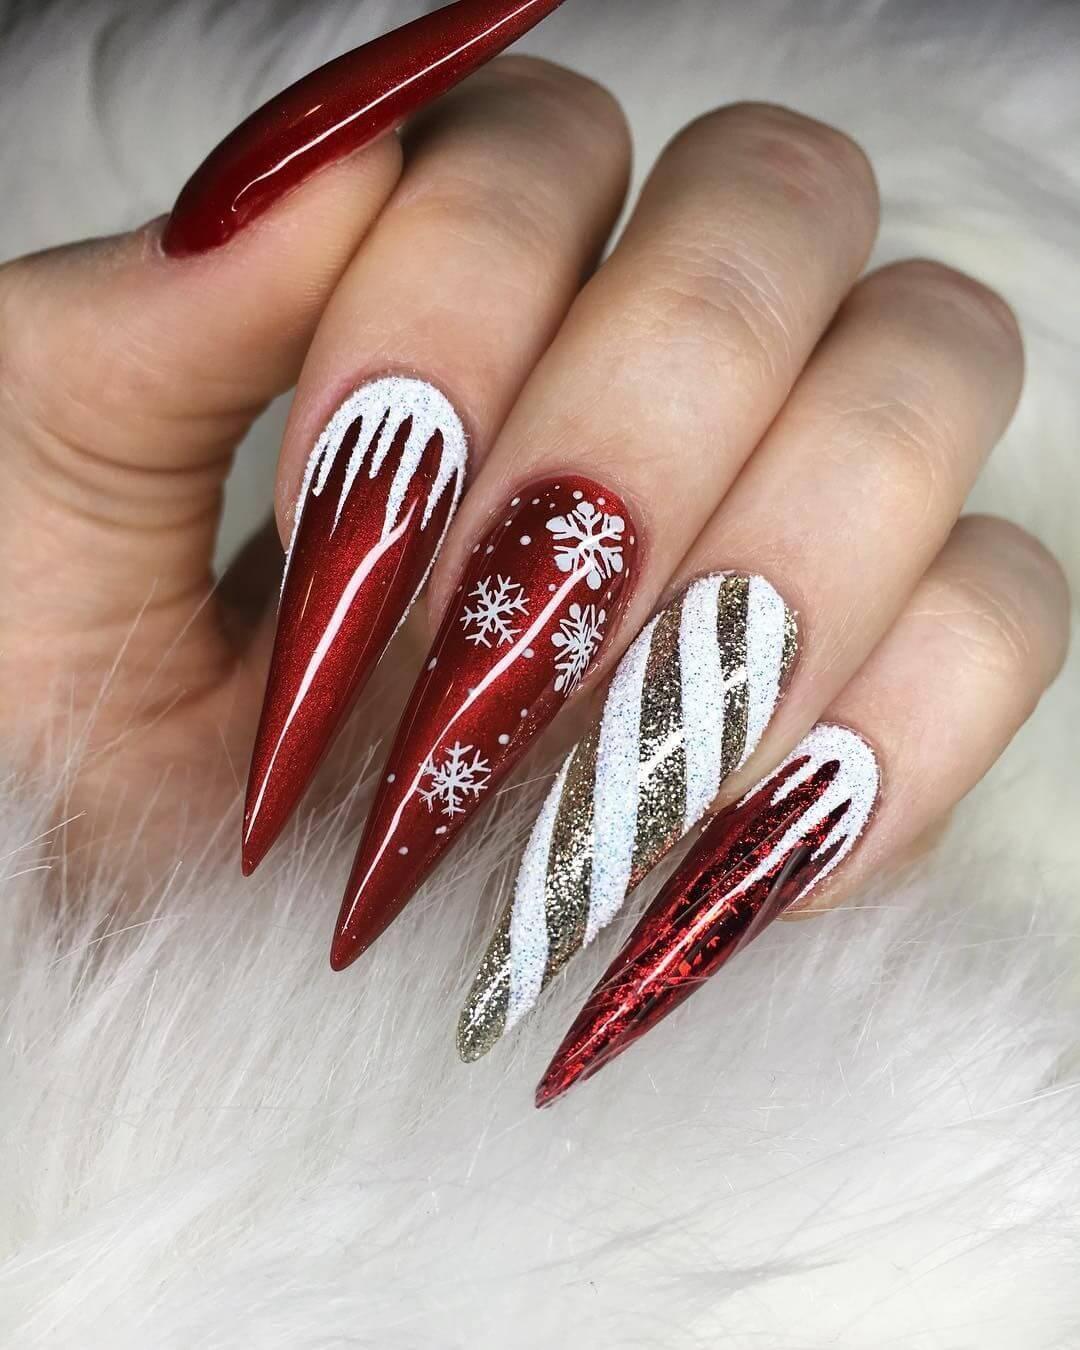 décoration d'ongles en acrylique